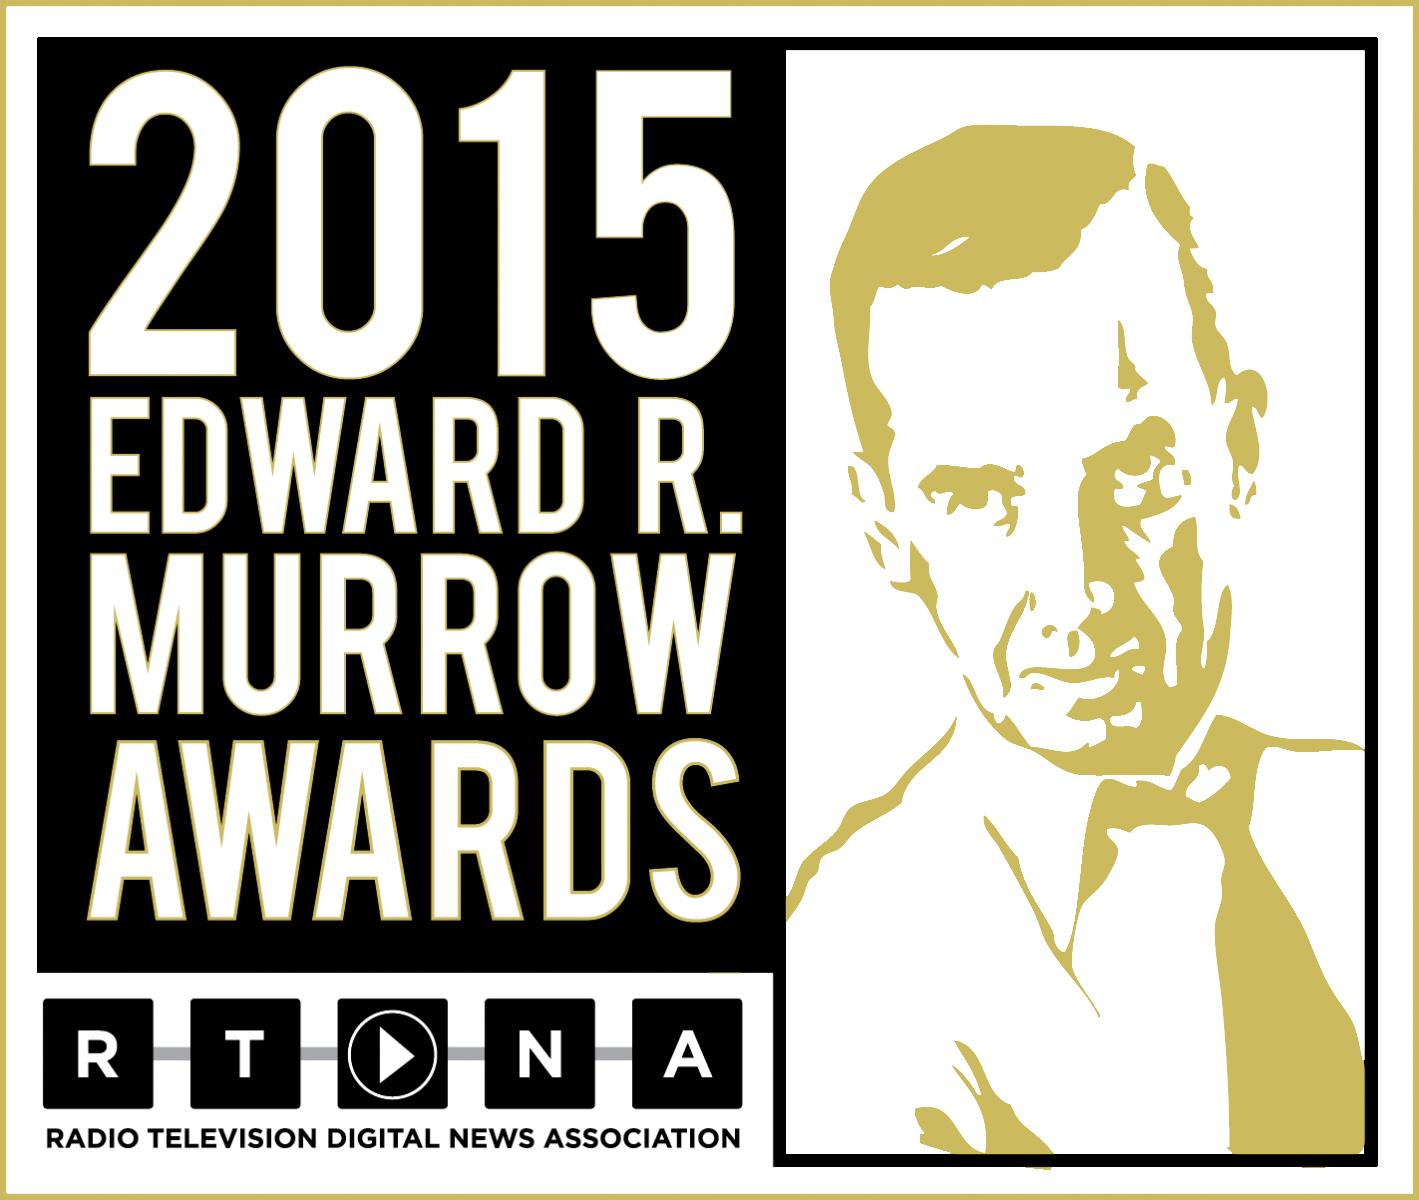 2015_MurrowAwardsLogo.png